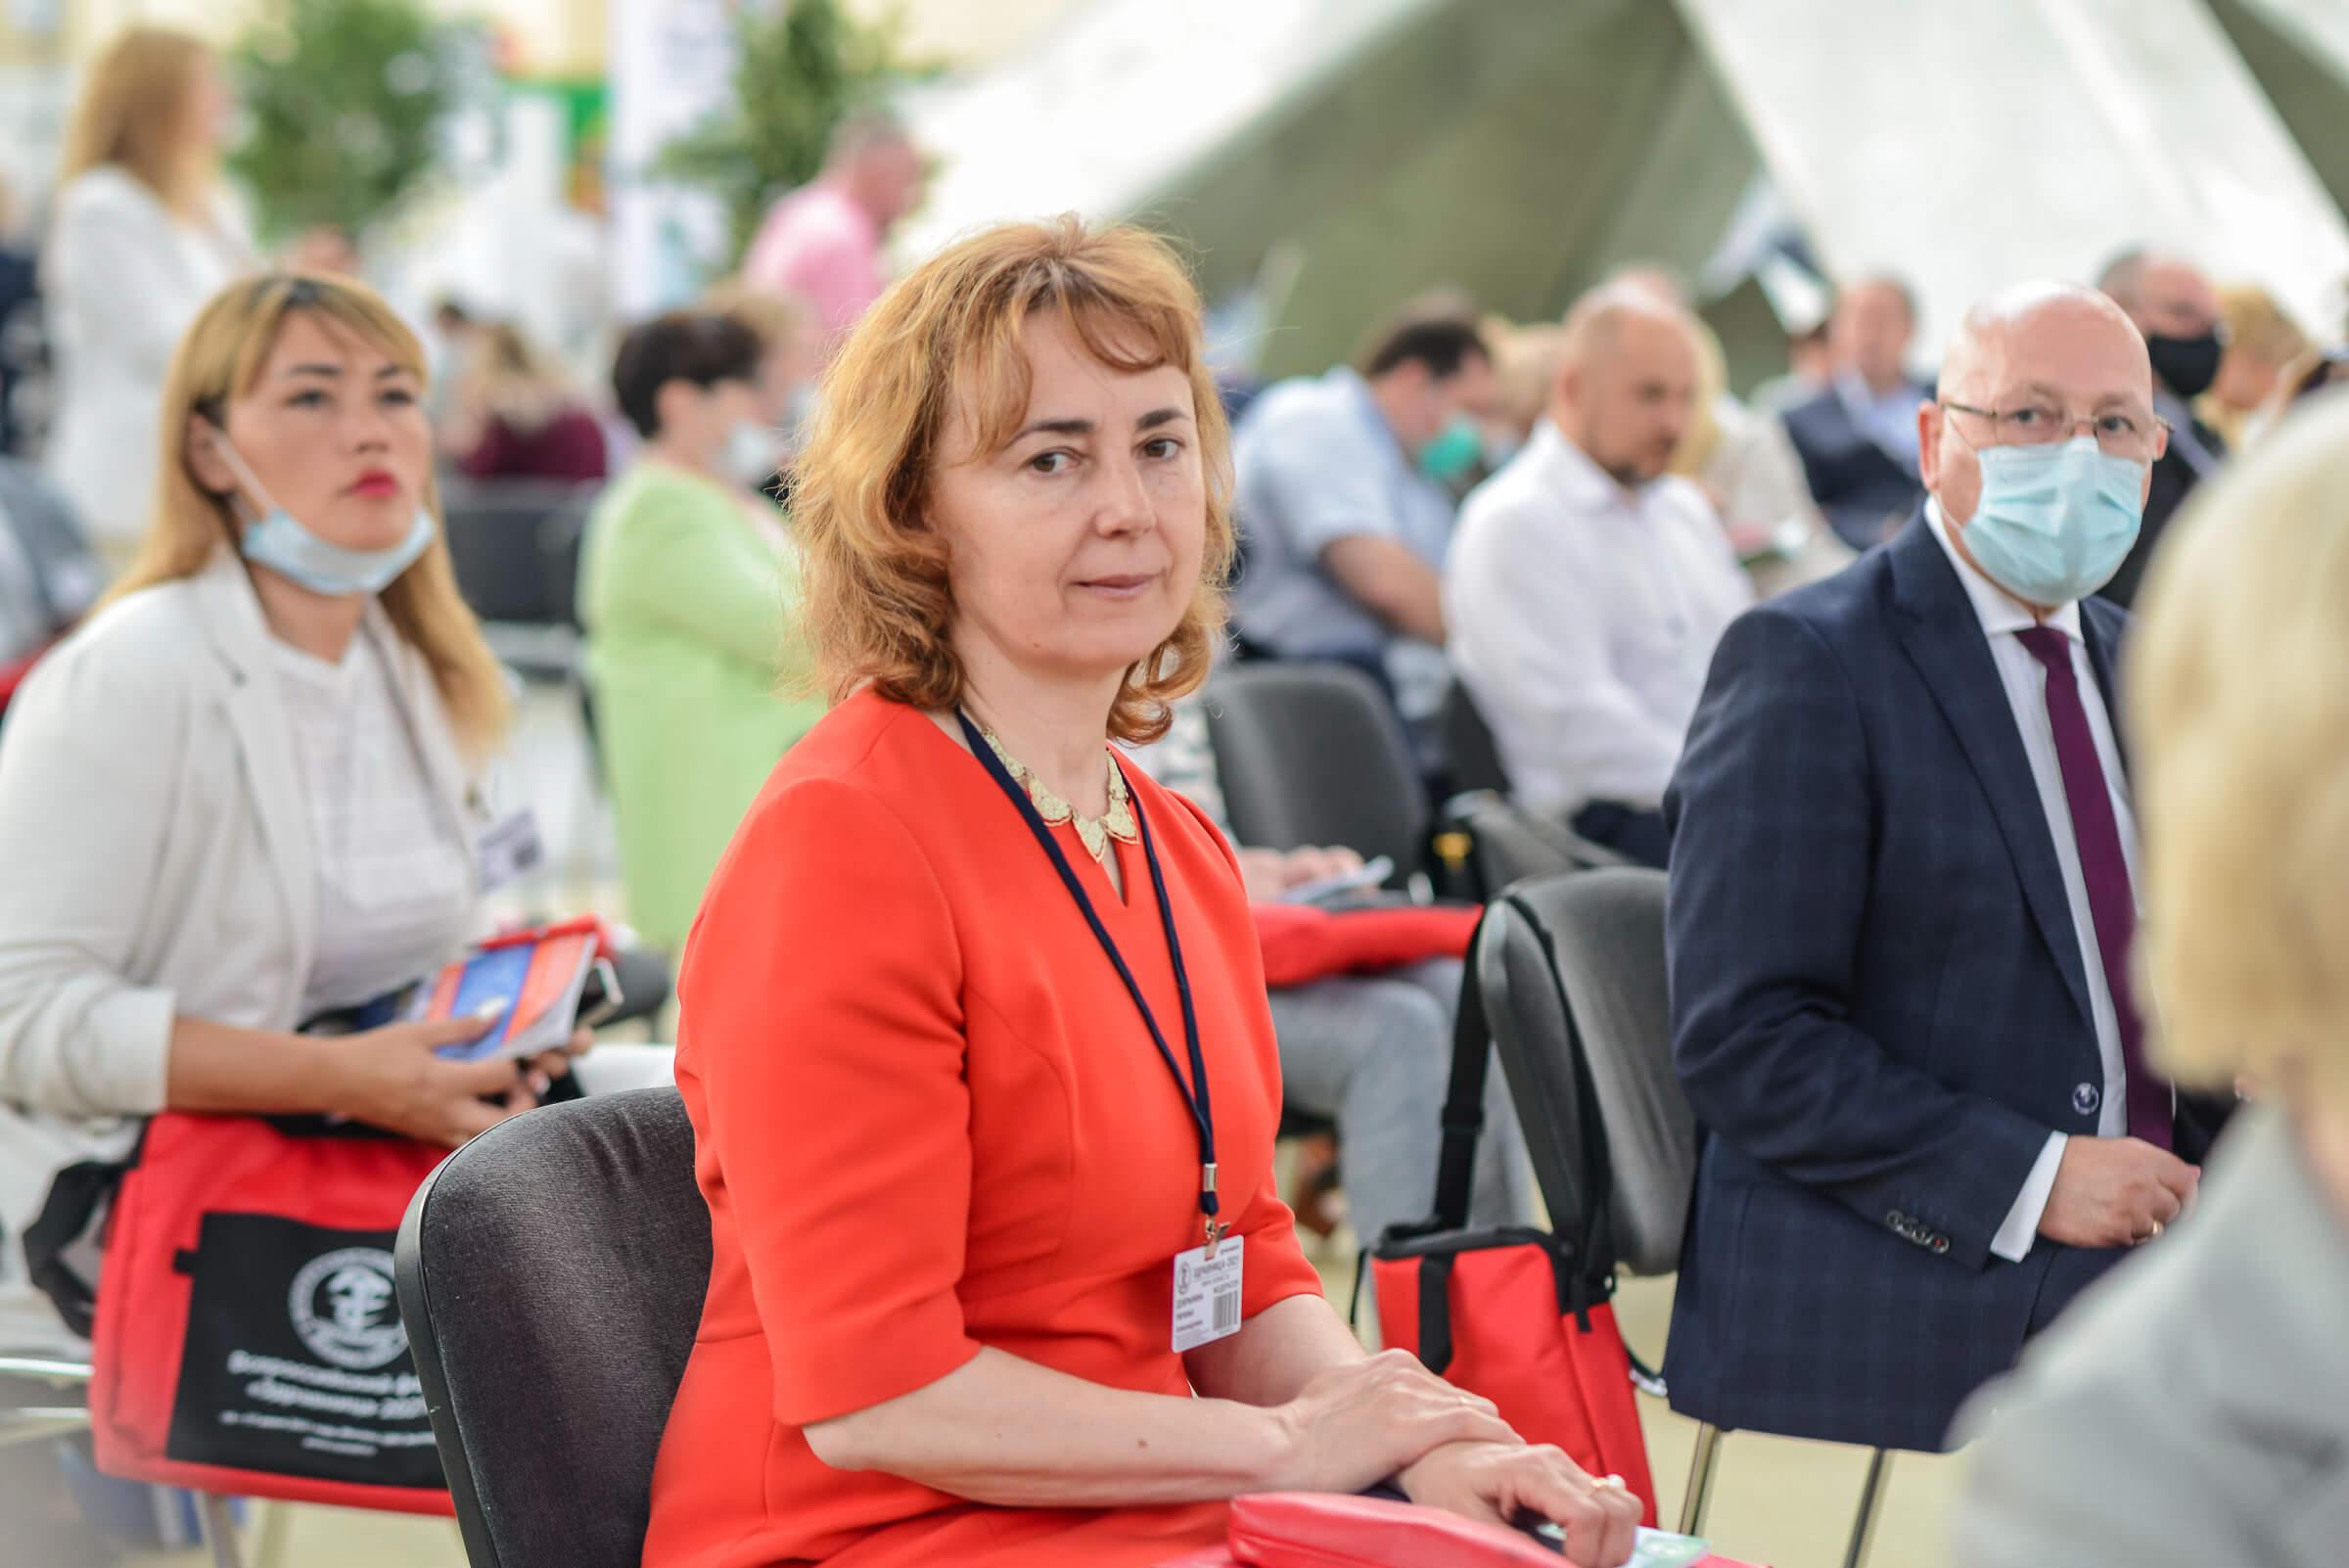 ХХ ЮБИЛЕЙНЫЙ ВСЕРОССИЙСКИЙ ФОРУМ «ЗДРАВНИЦА - 2021»